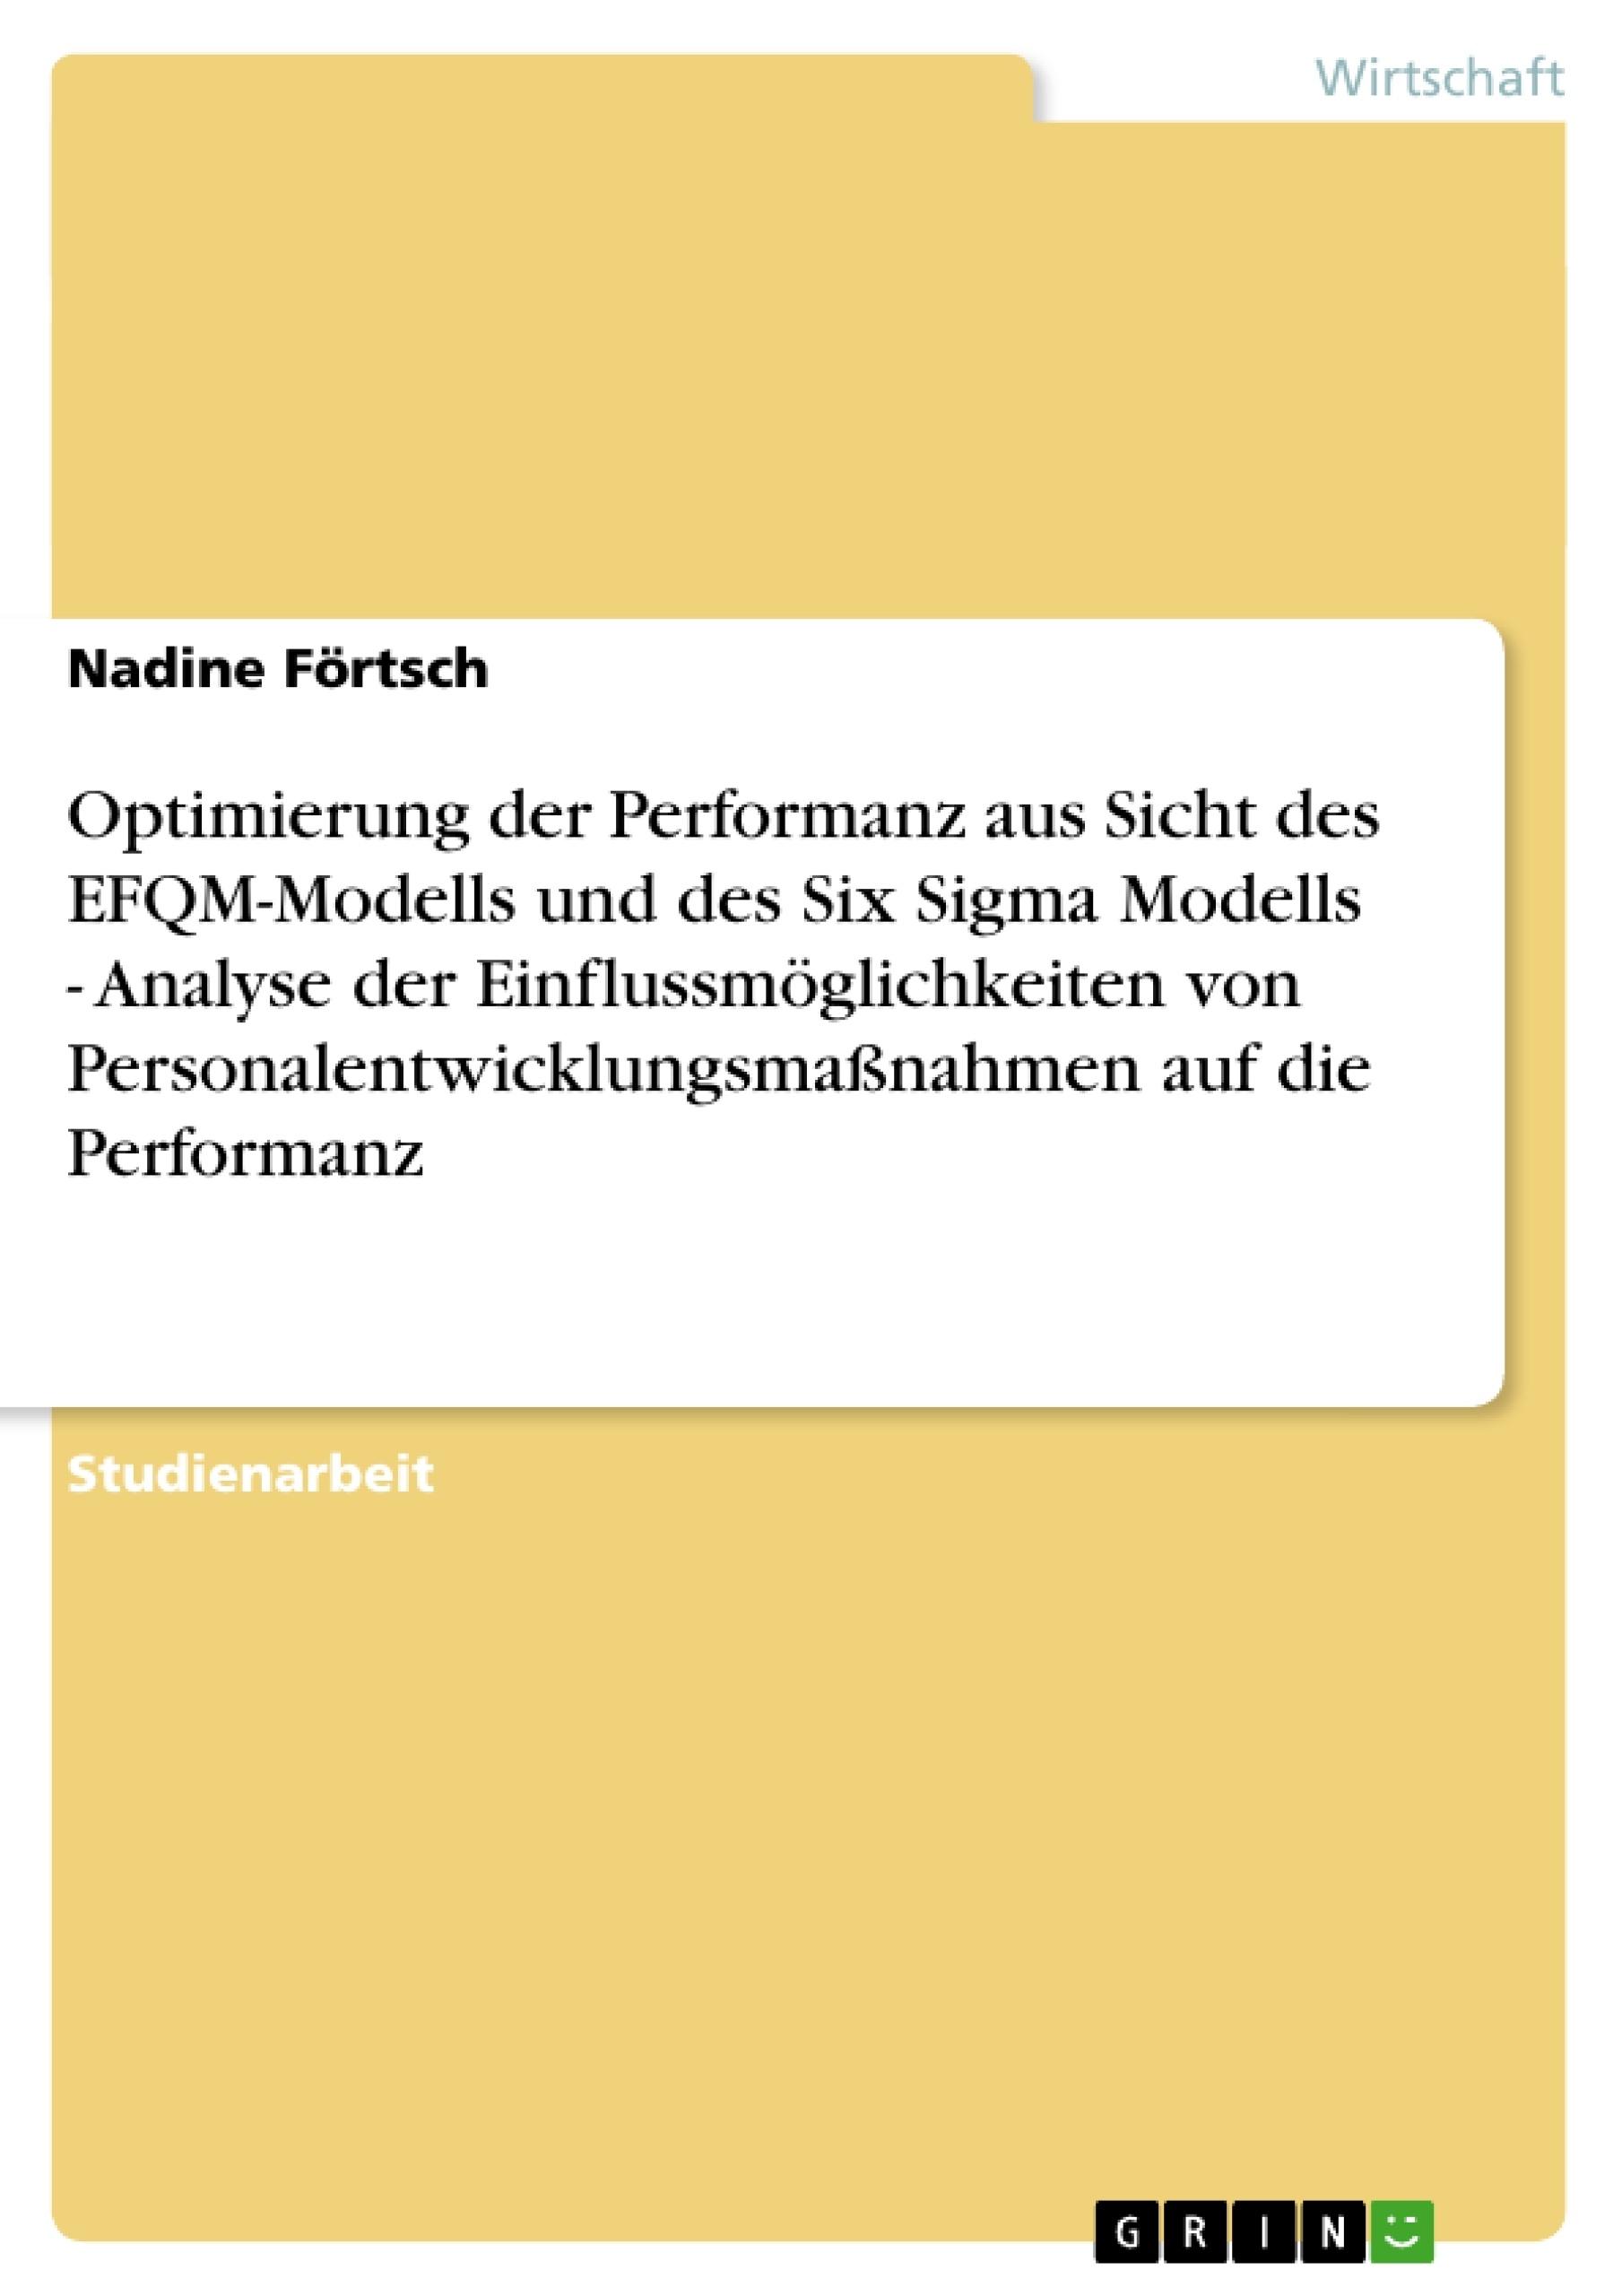 Titel: Optimierung der Performanz aus Sicht des EFQM-Modells und des Six Sigma Modells - Analyse der Einflussmöglichkeiten von Personalentwicklungsmaßnahmen auf die Performanz